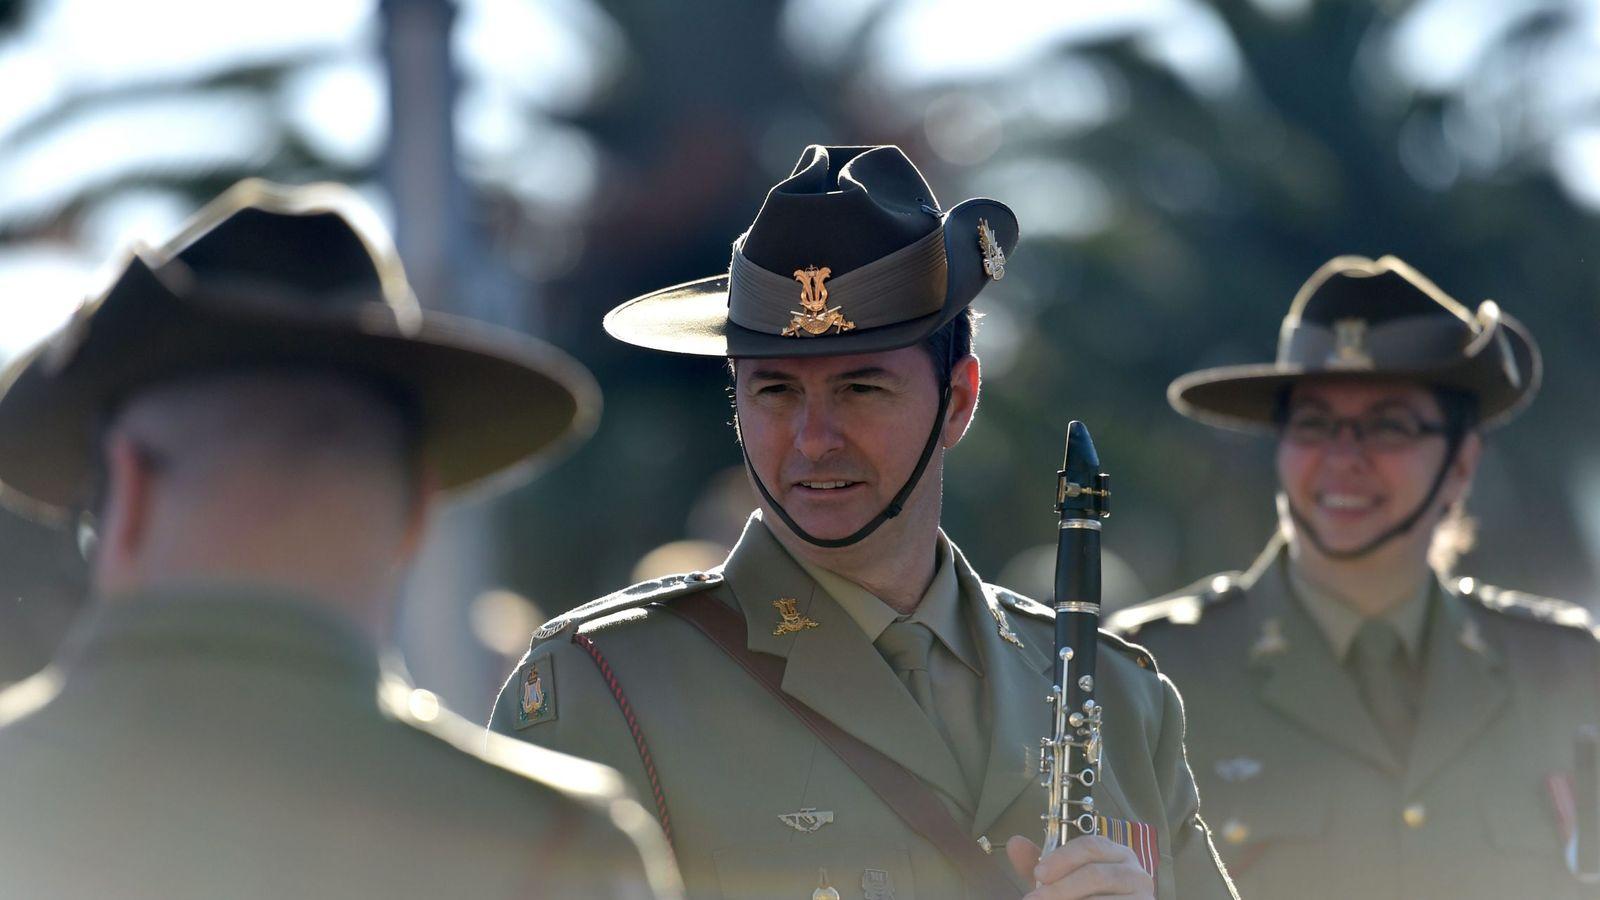 Foto: Soldados australianos en uniforme de gala durante el Día del Anzac, que conmemora la batalla de Gallipoli, el 25 de abril de 2016 (EFE)